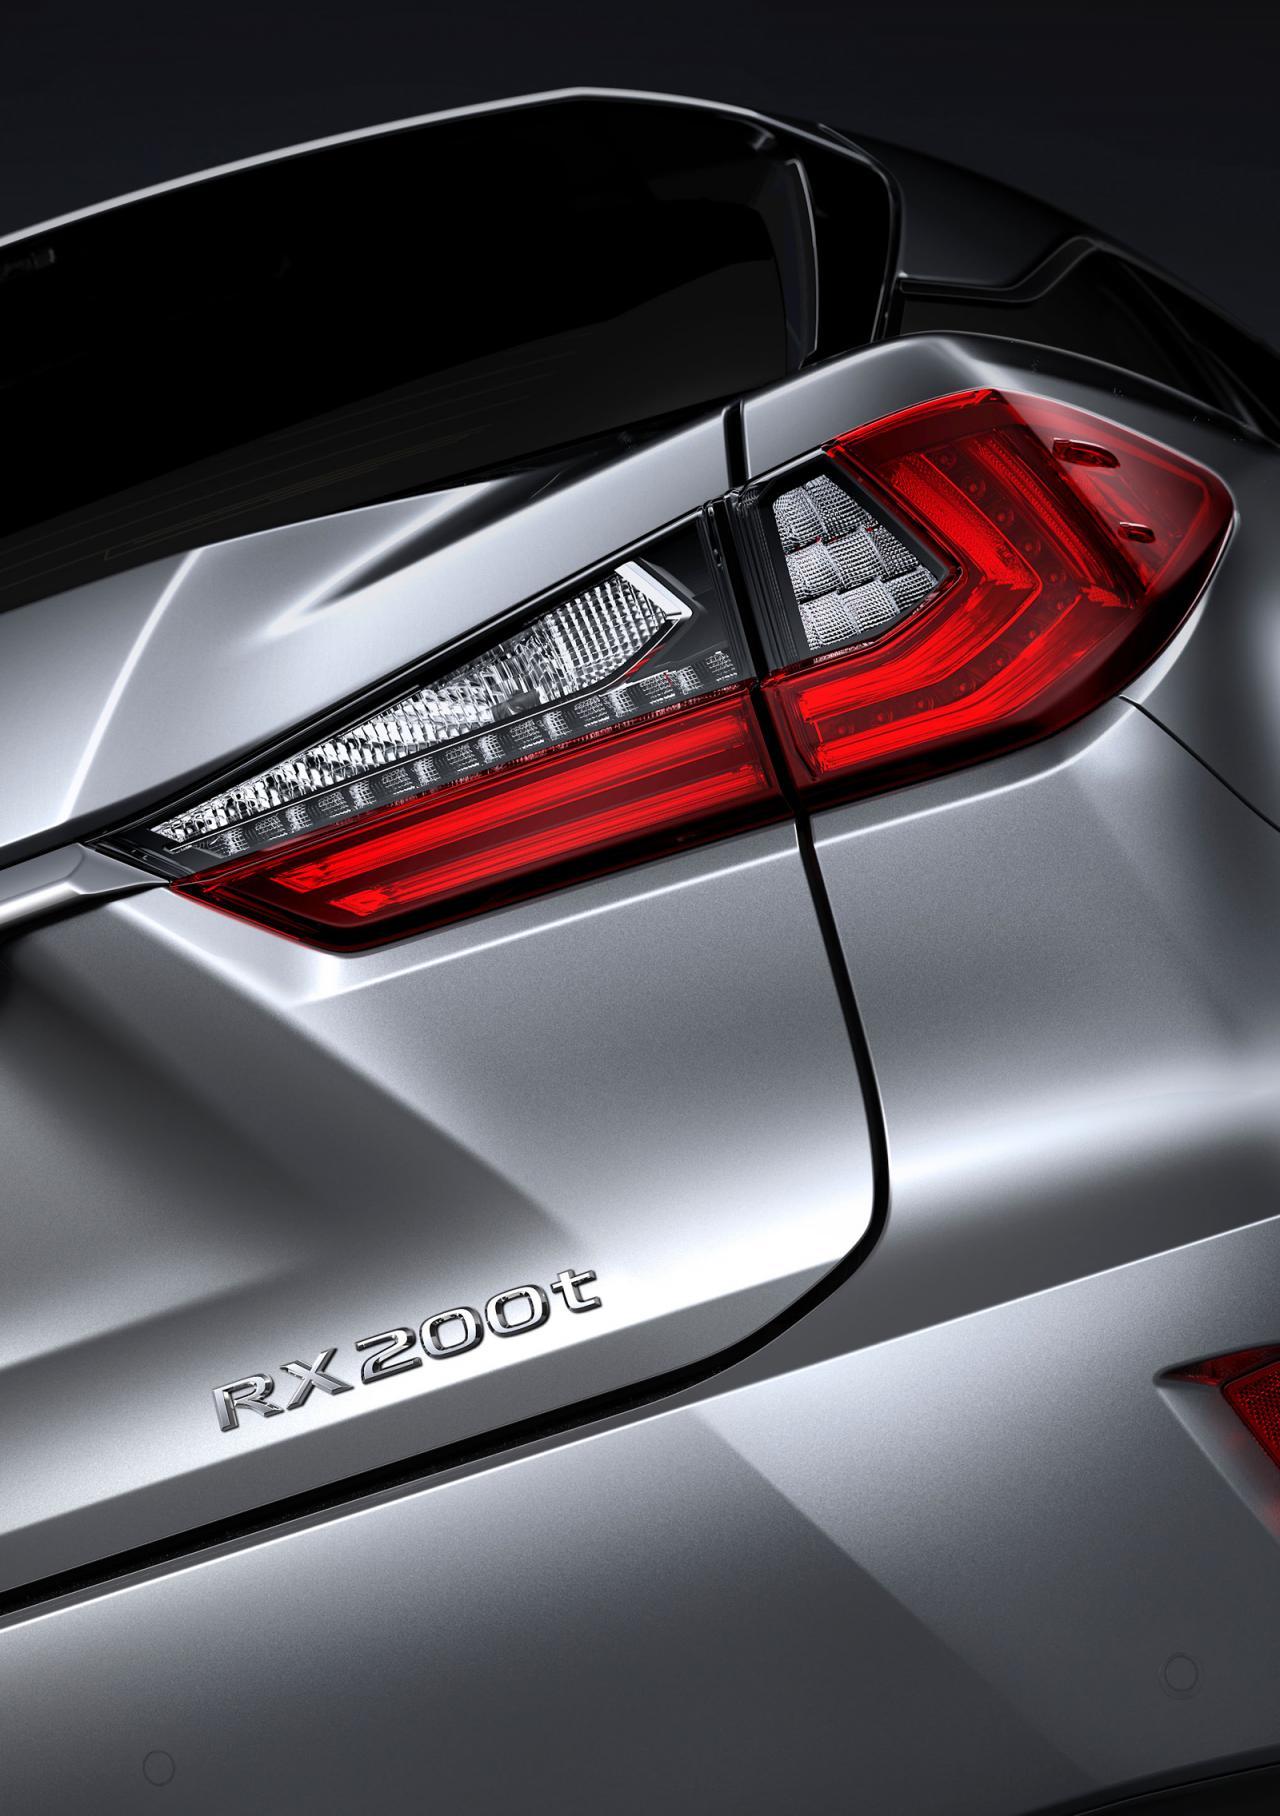 Lexus RX 200t F SPORT 2016